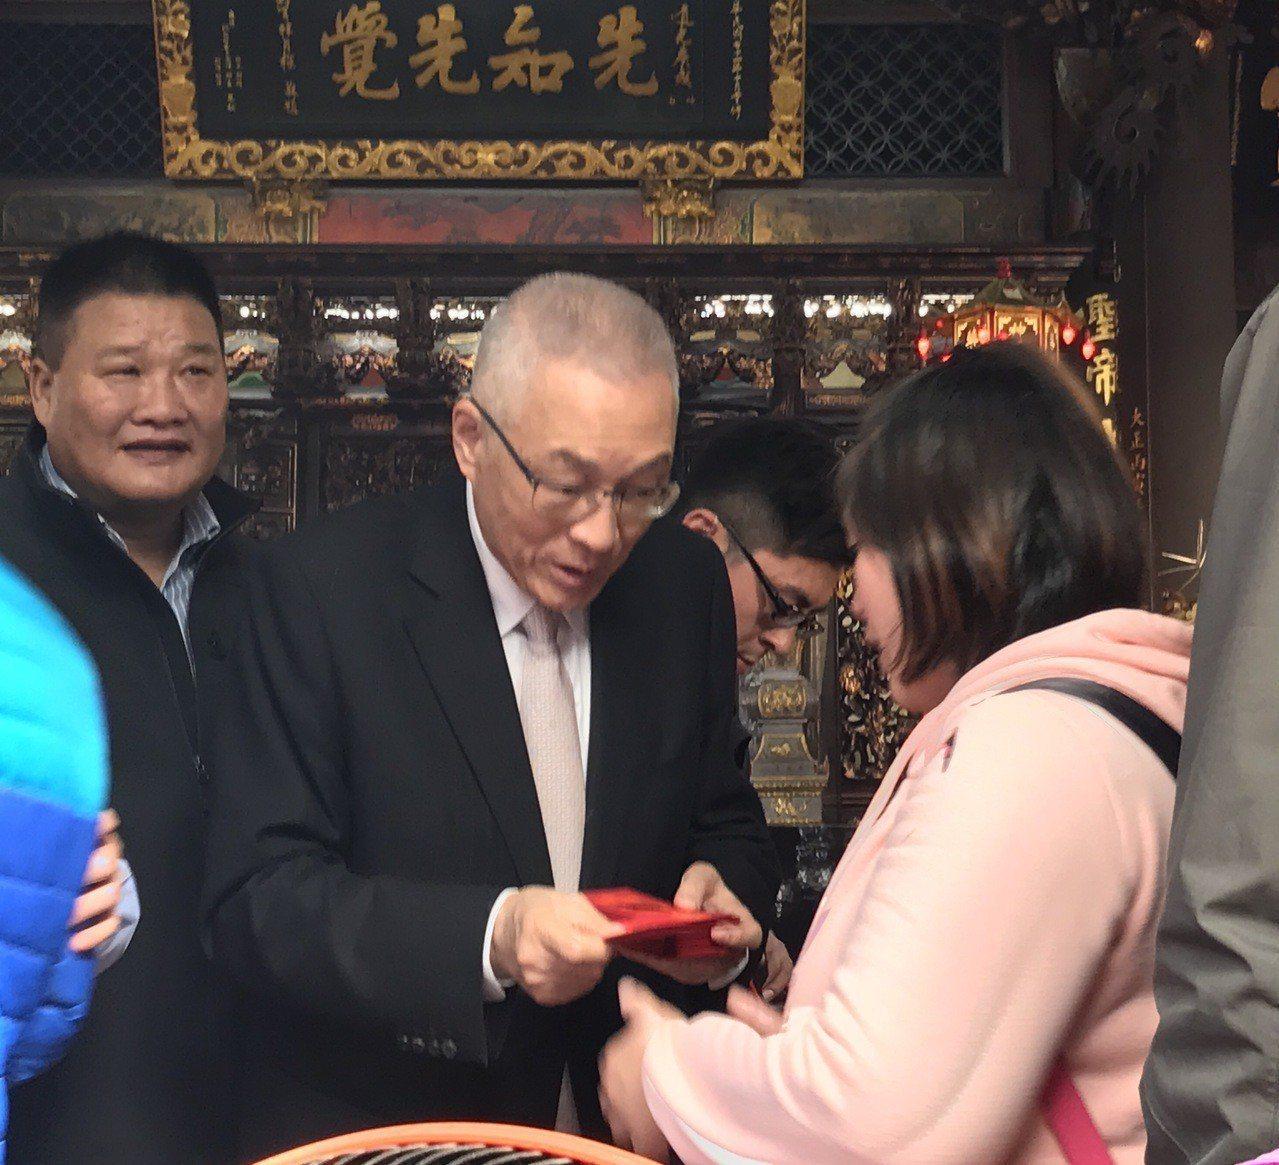 國民黨主席吳敦義今天下午到三重先嗇宮參拜並發送福袋。記者陳珮琦/攝影